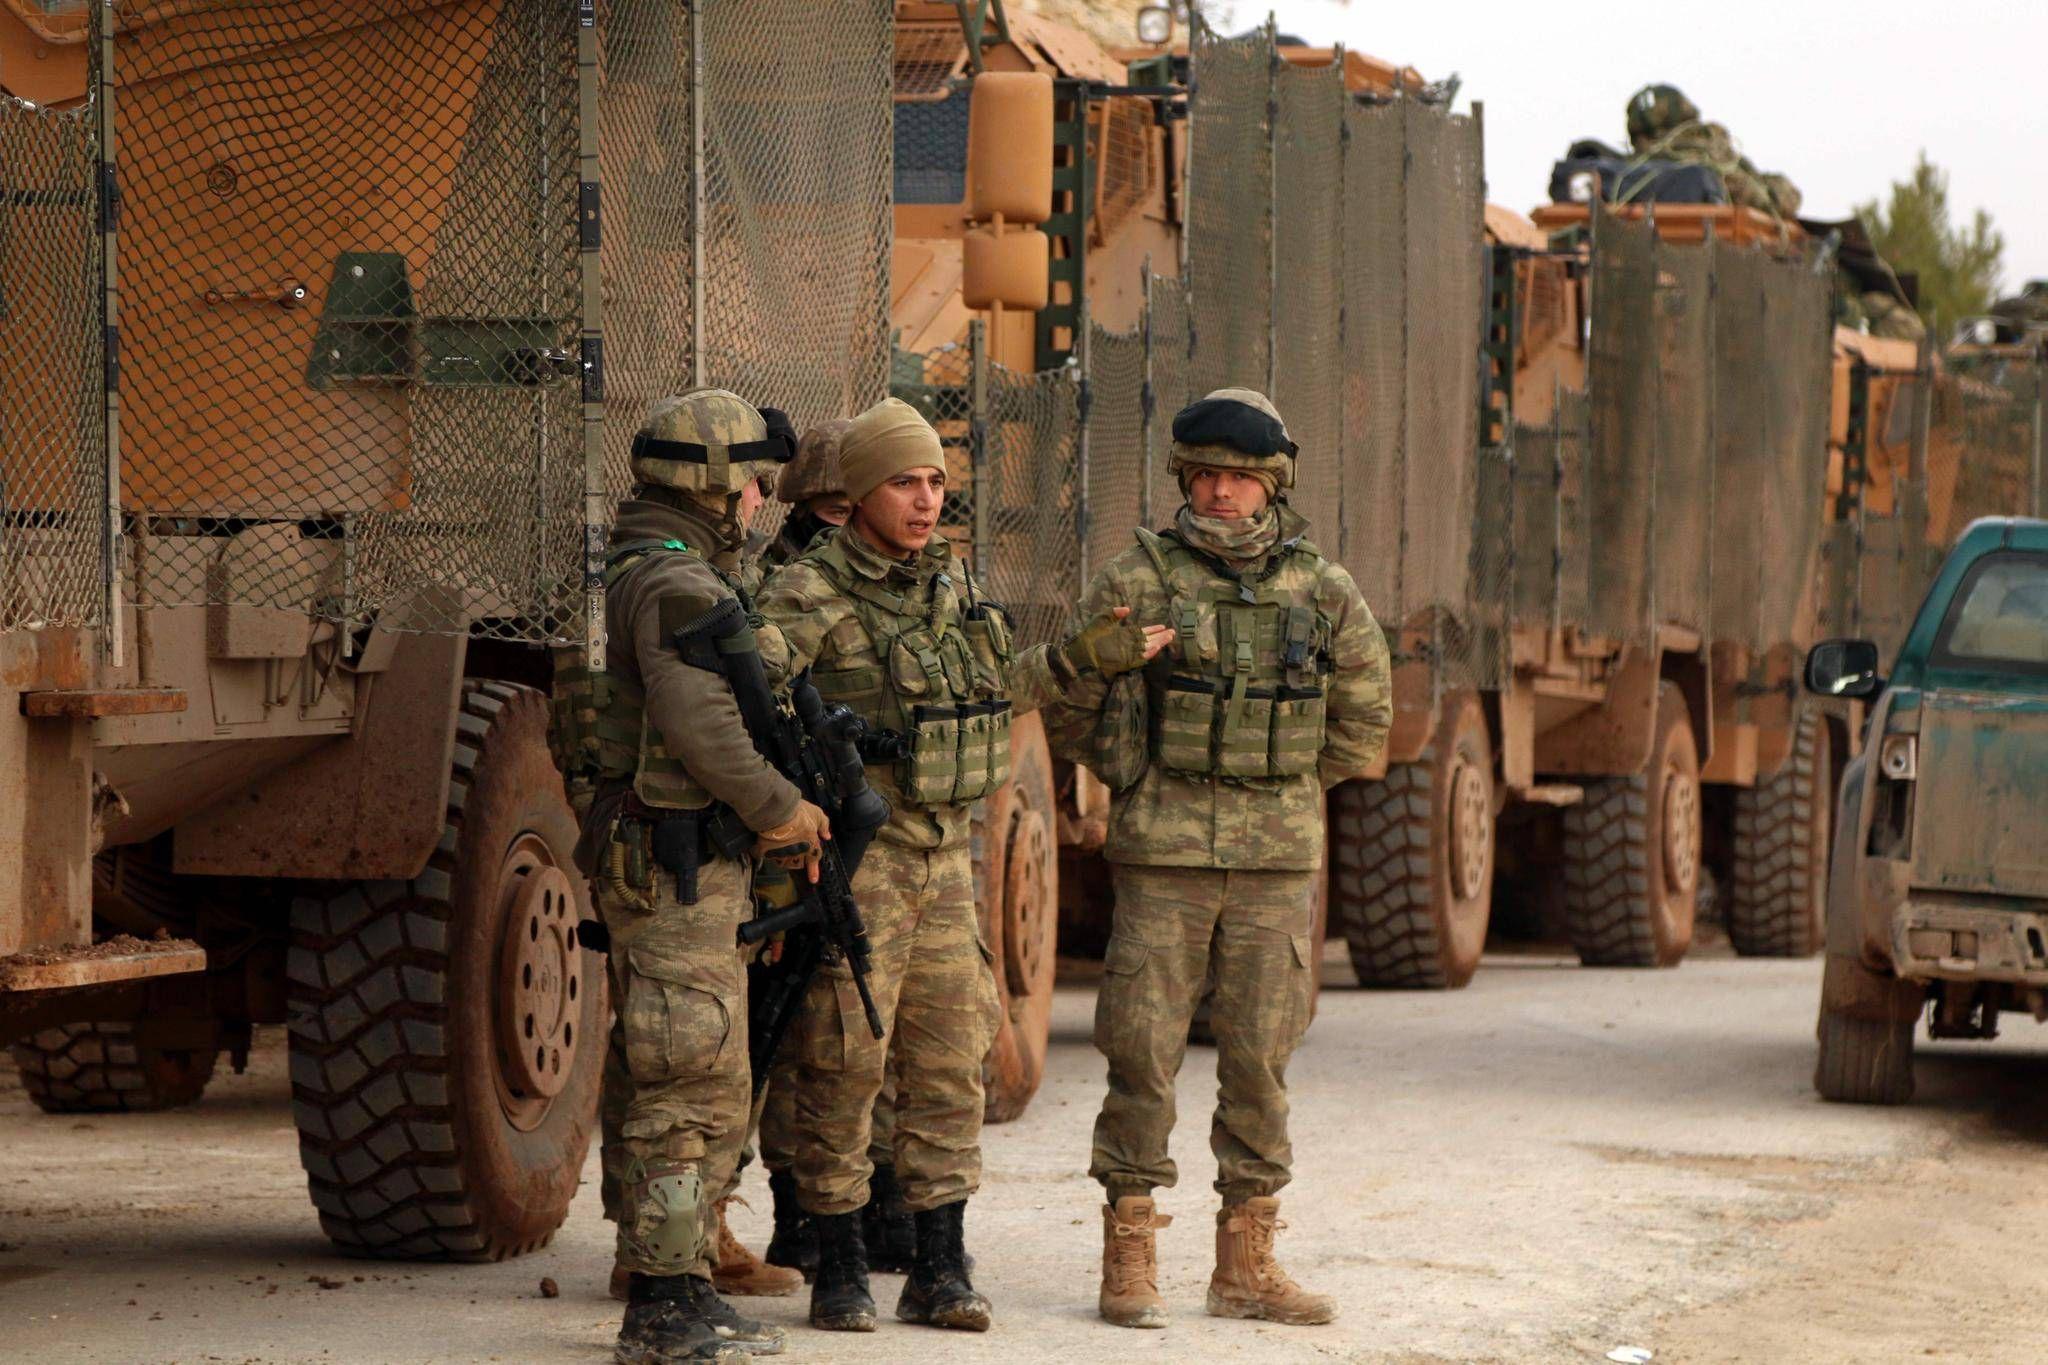 صورة لأول مرة: إيران تهاجم الجيش التركي بالرشاشات الثقيلة- تفاصيل